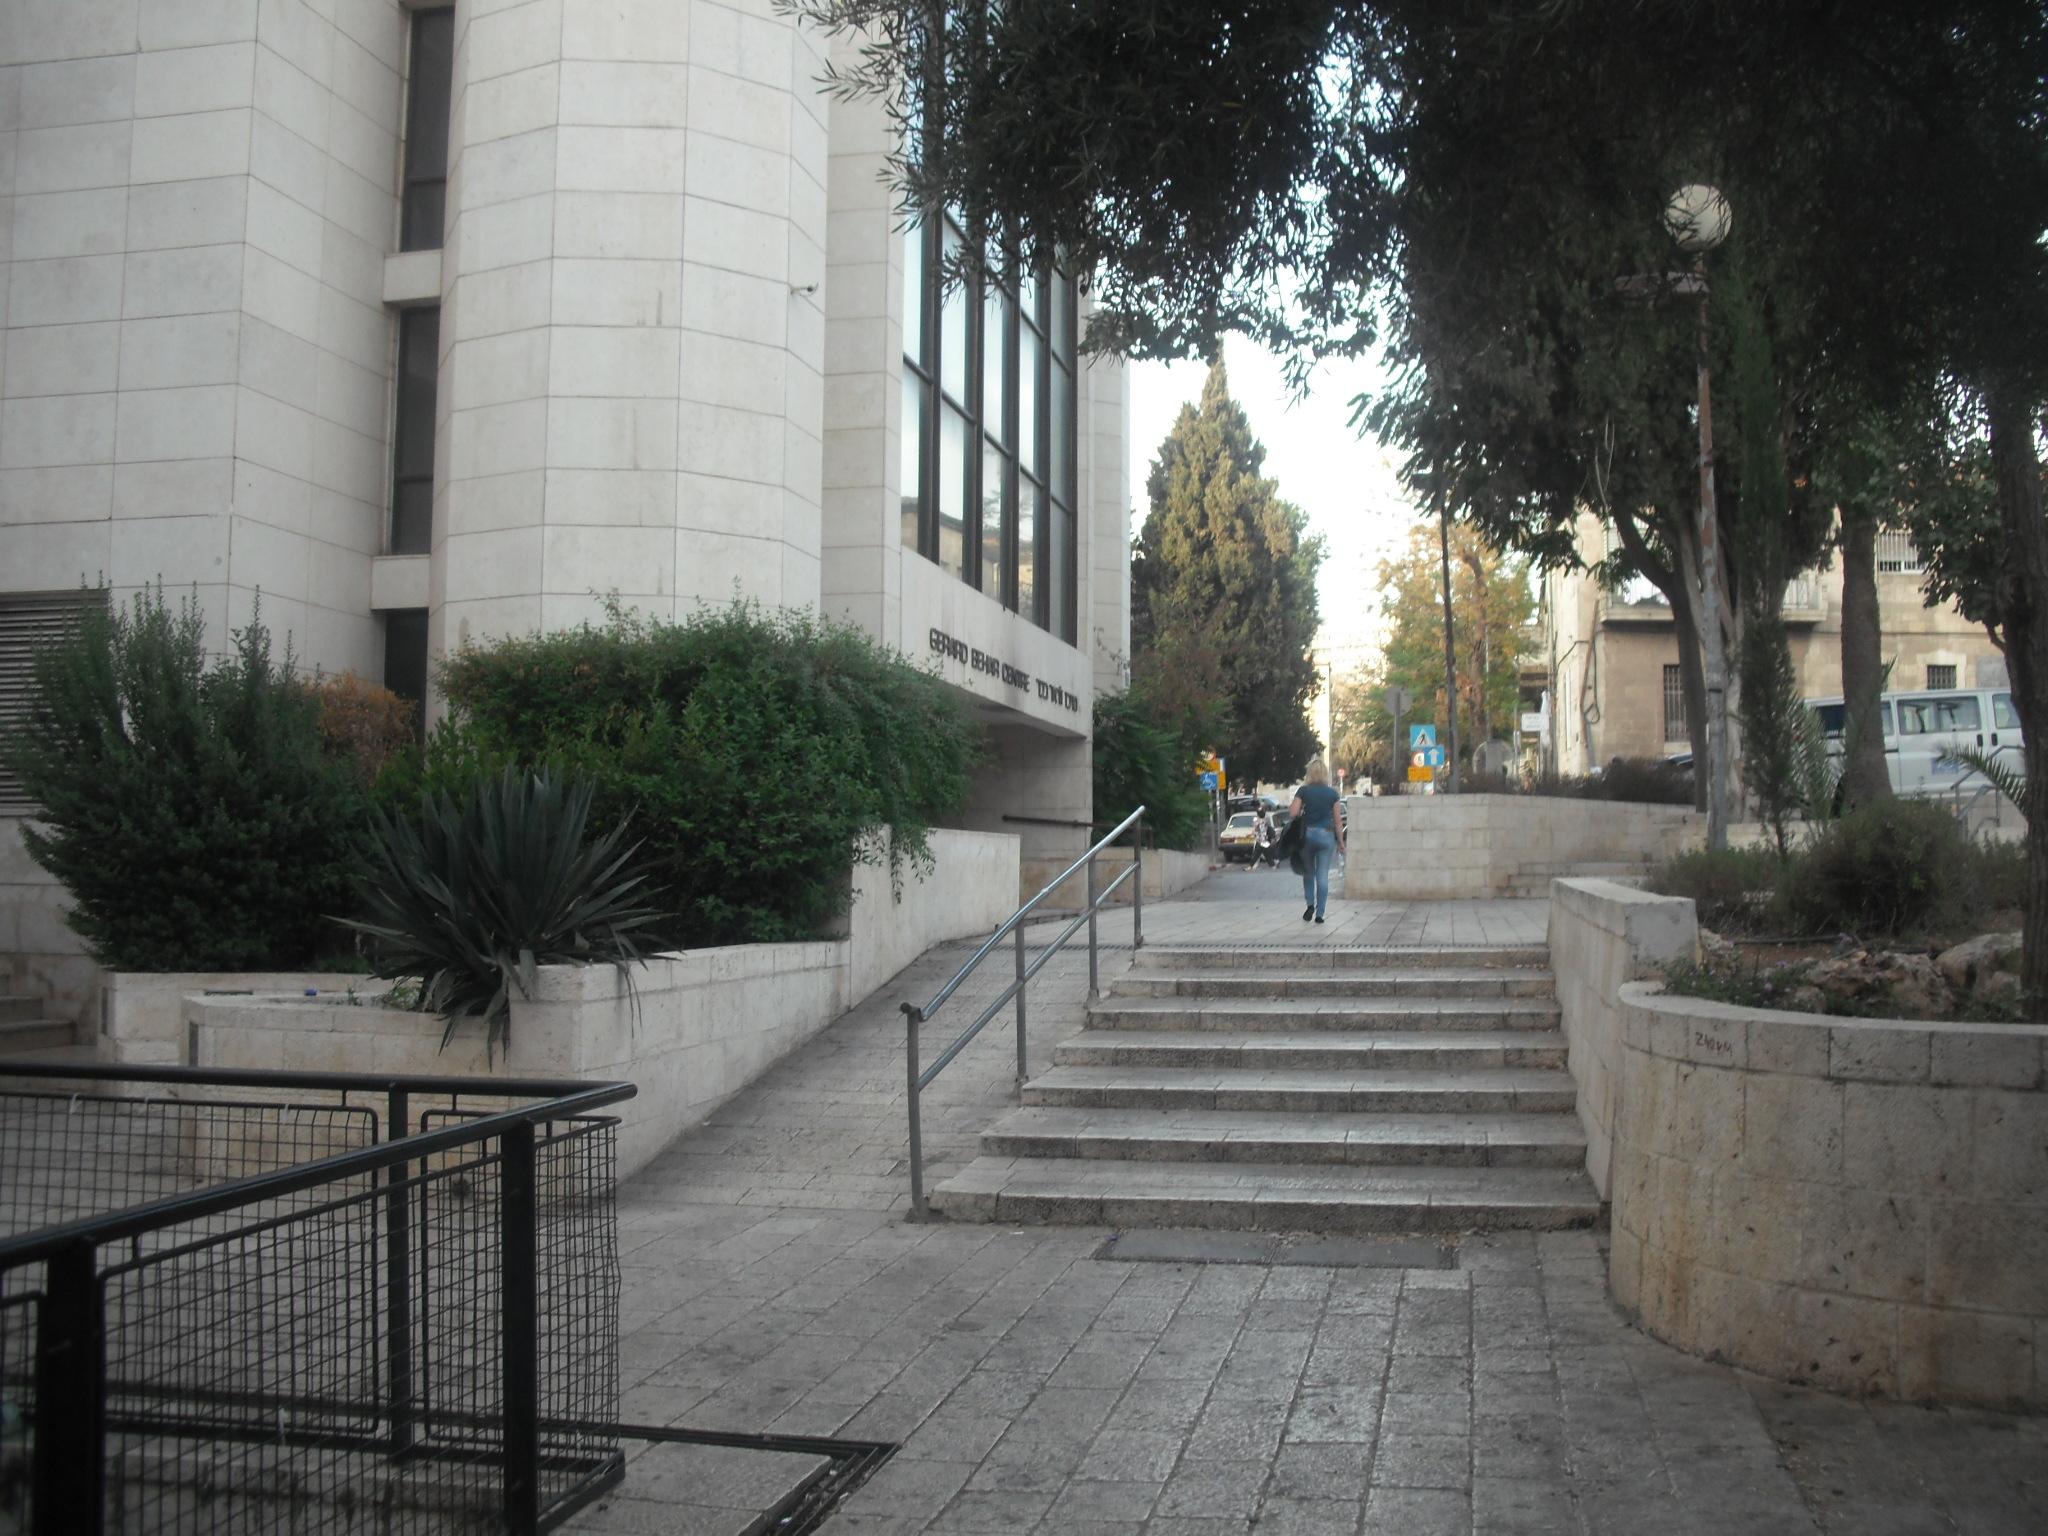 מדרגות ורמפה בדרך לקופה והכניסה